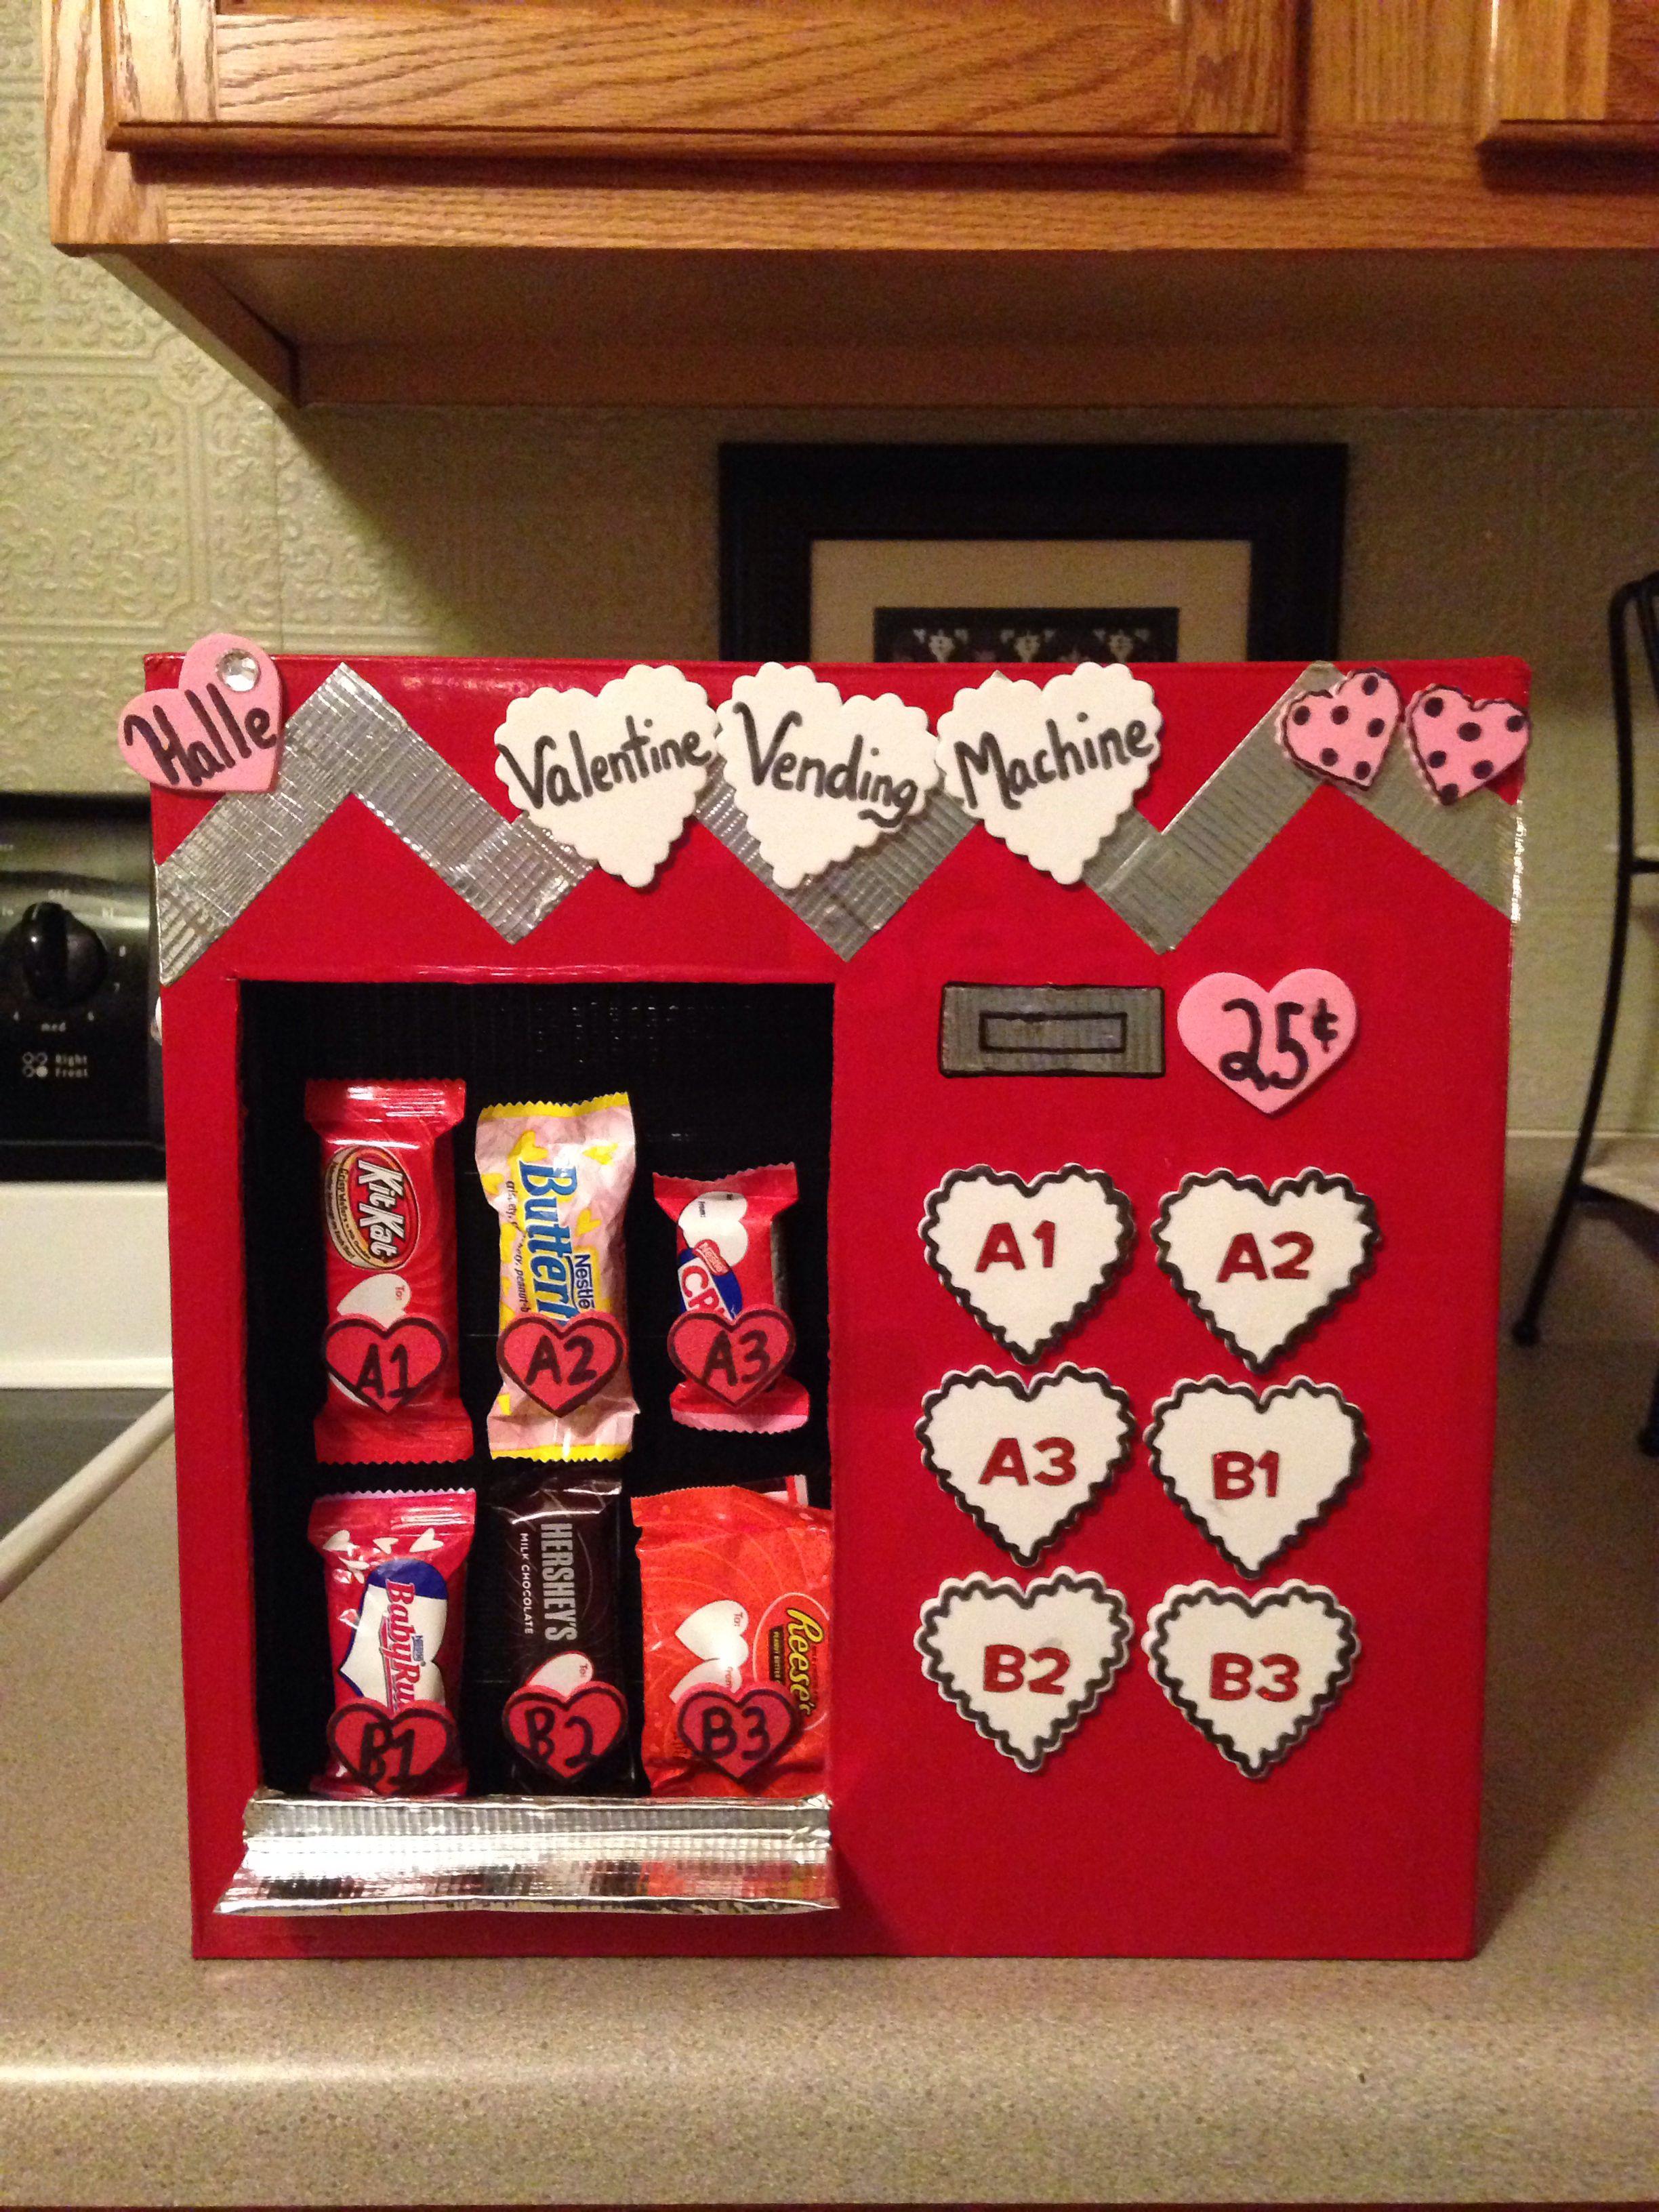 Valentine Vending Machine Girls Valentines Boxes Diy Valentines Decorations Valentine Box